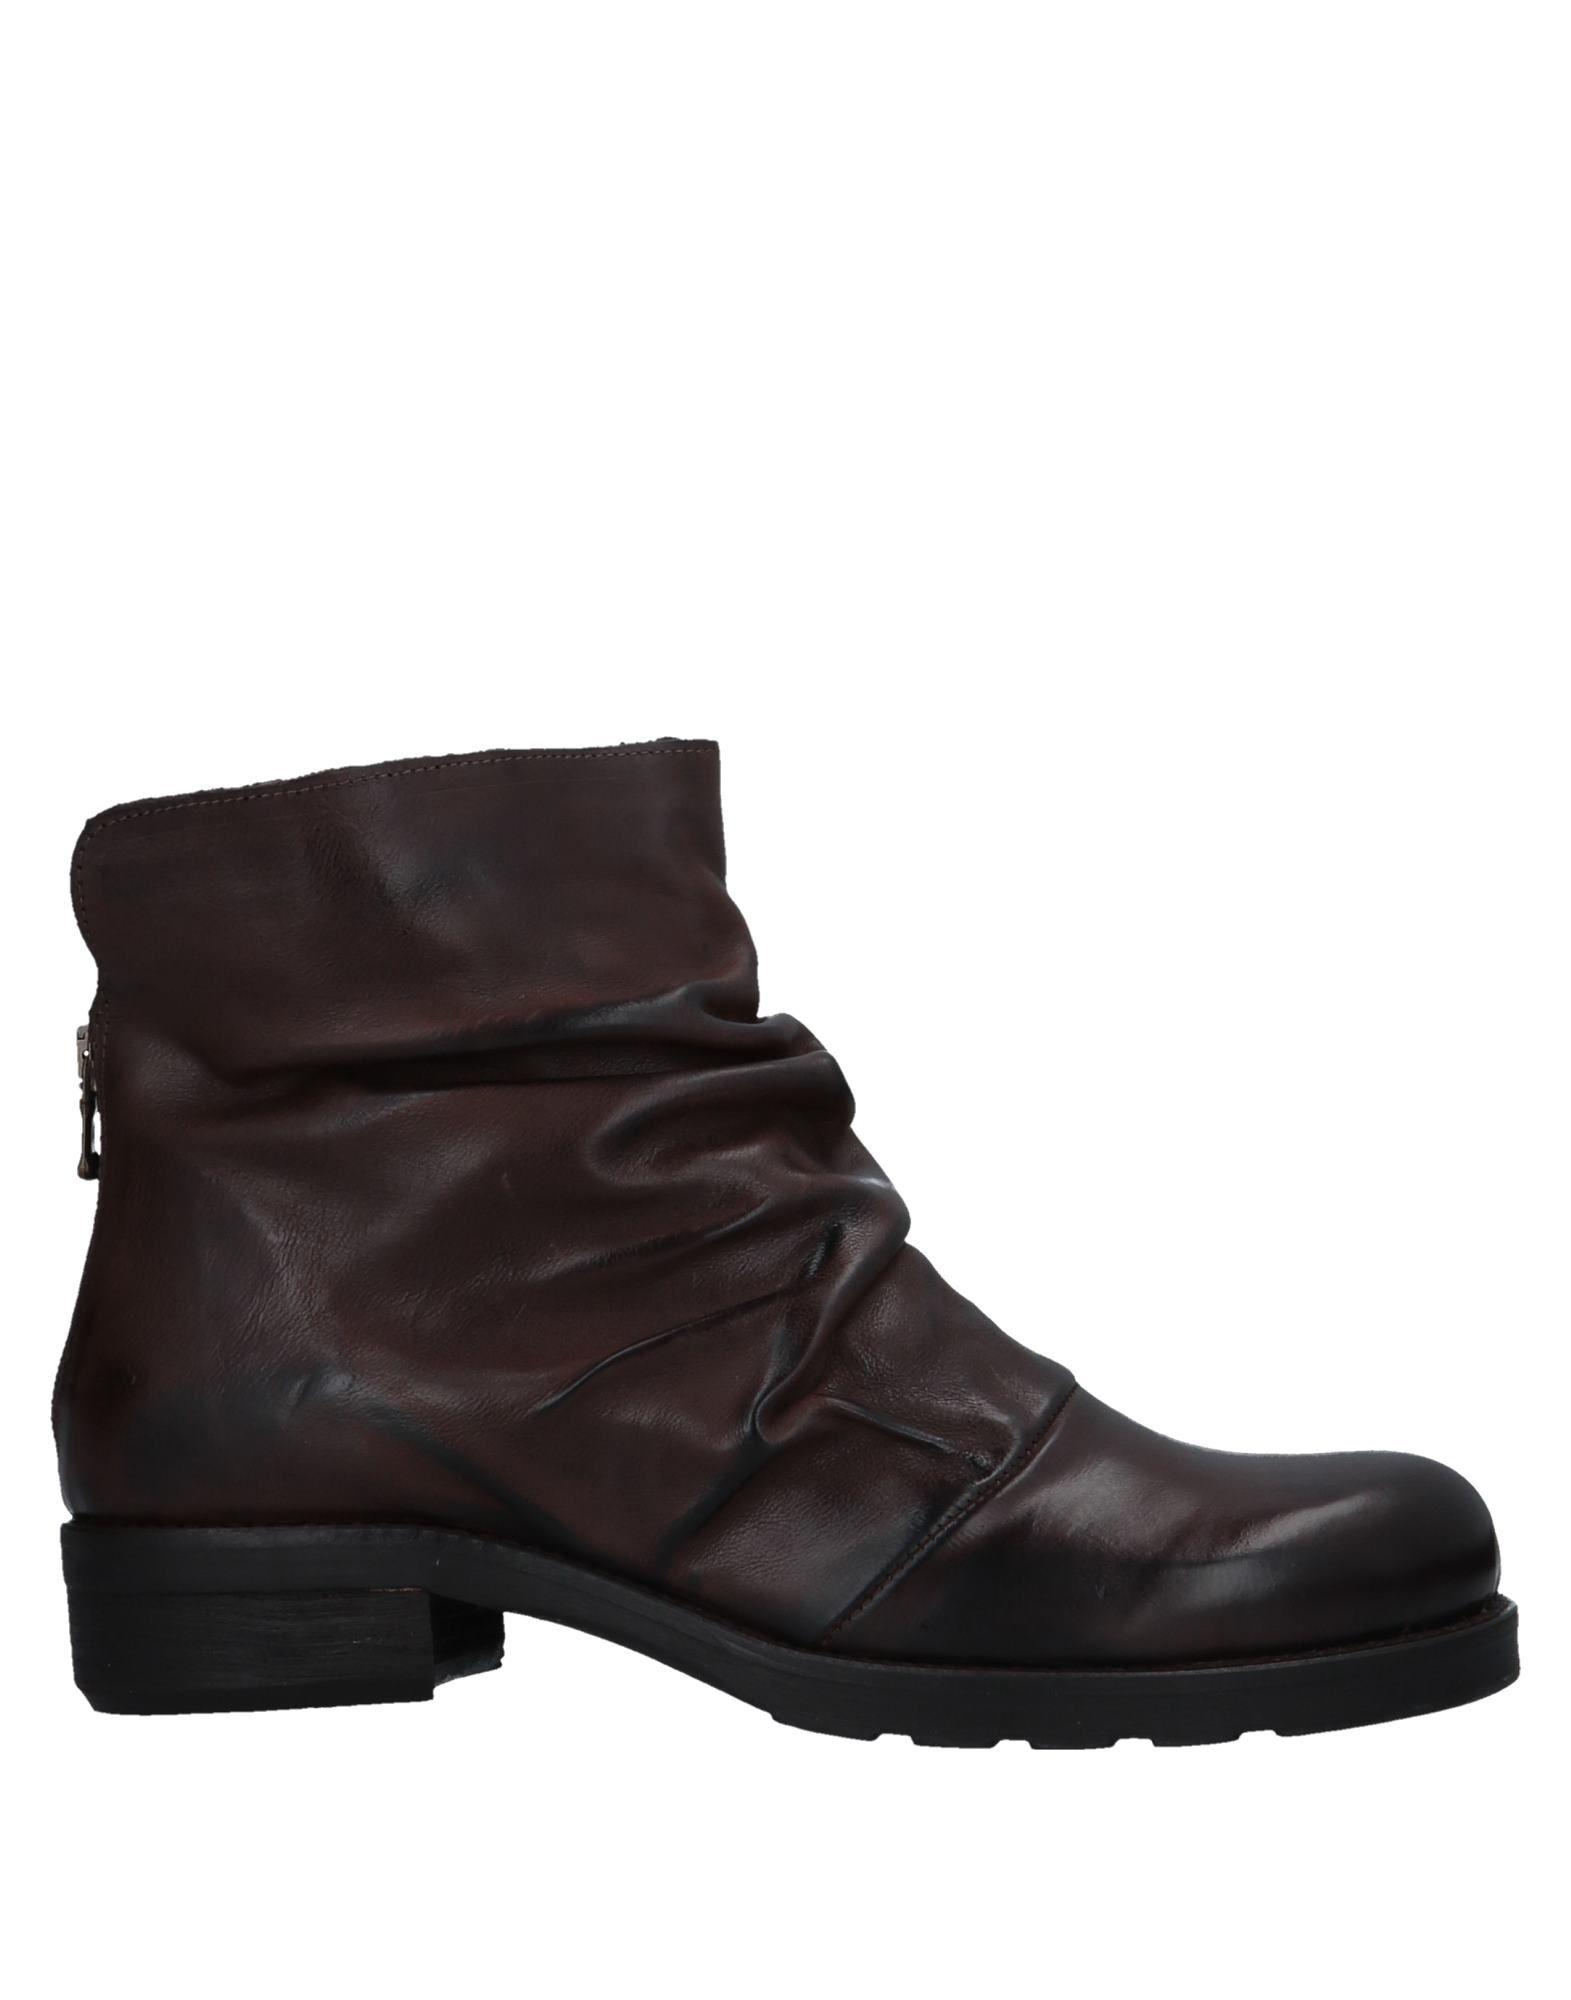 Chocolà Stiefelette Damen  11529658GQGut Schuhe aussehende strapazierfähige Schuhe 11529658GQGut 73892f